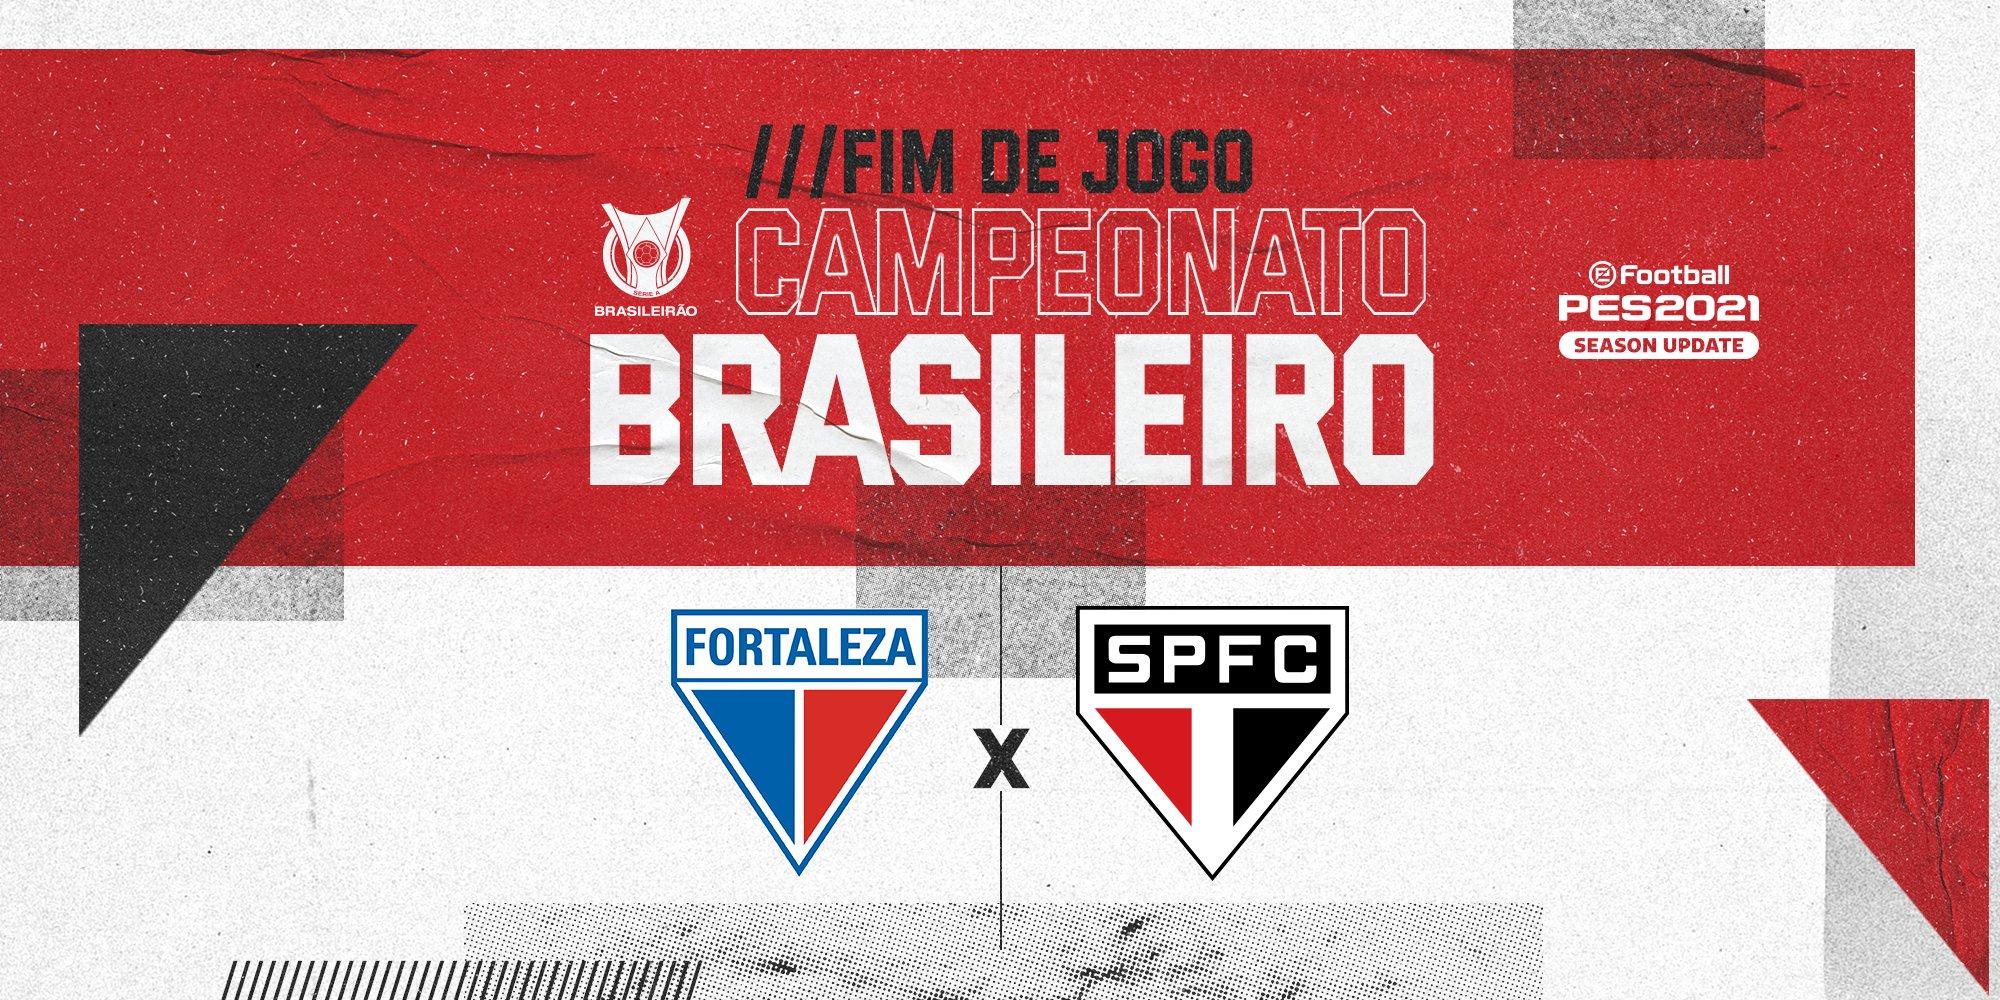 Fortaleza 2x3 São Paulo Brasileirão 2020